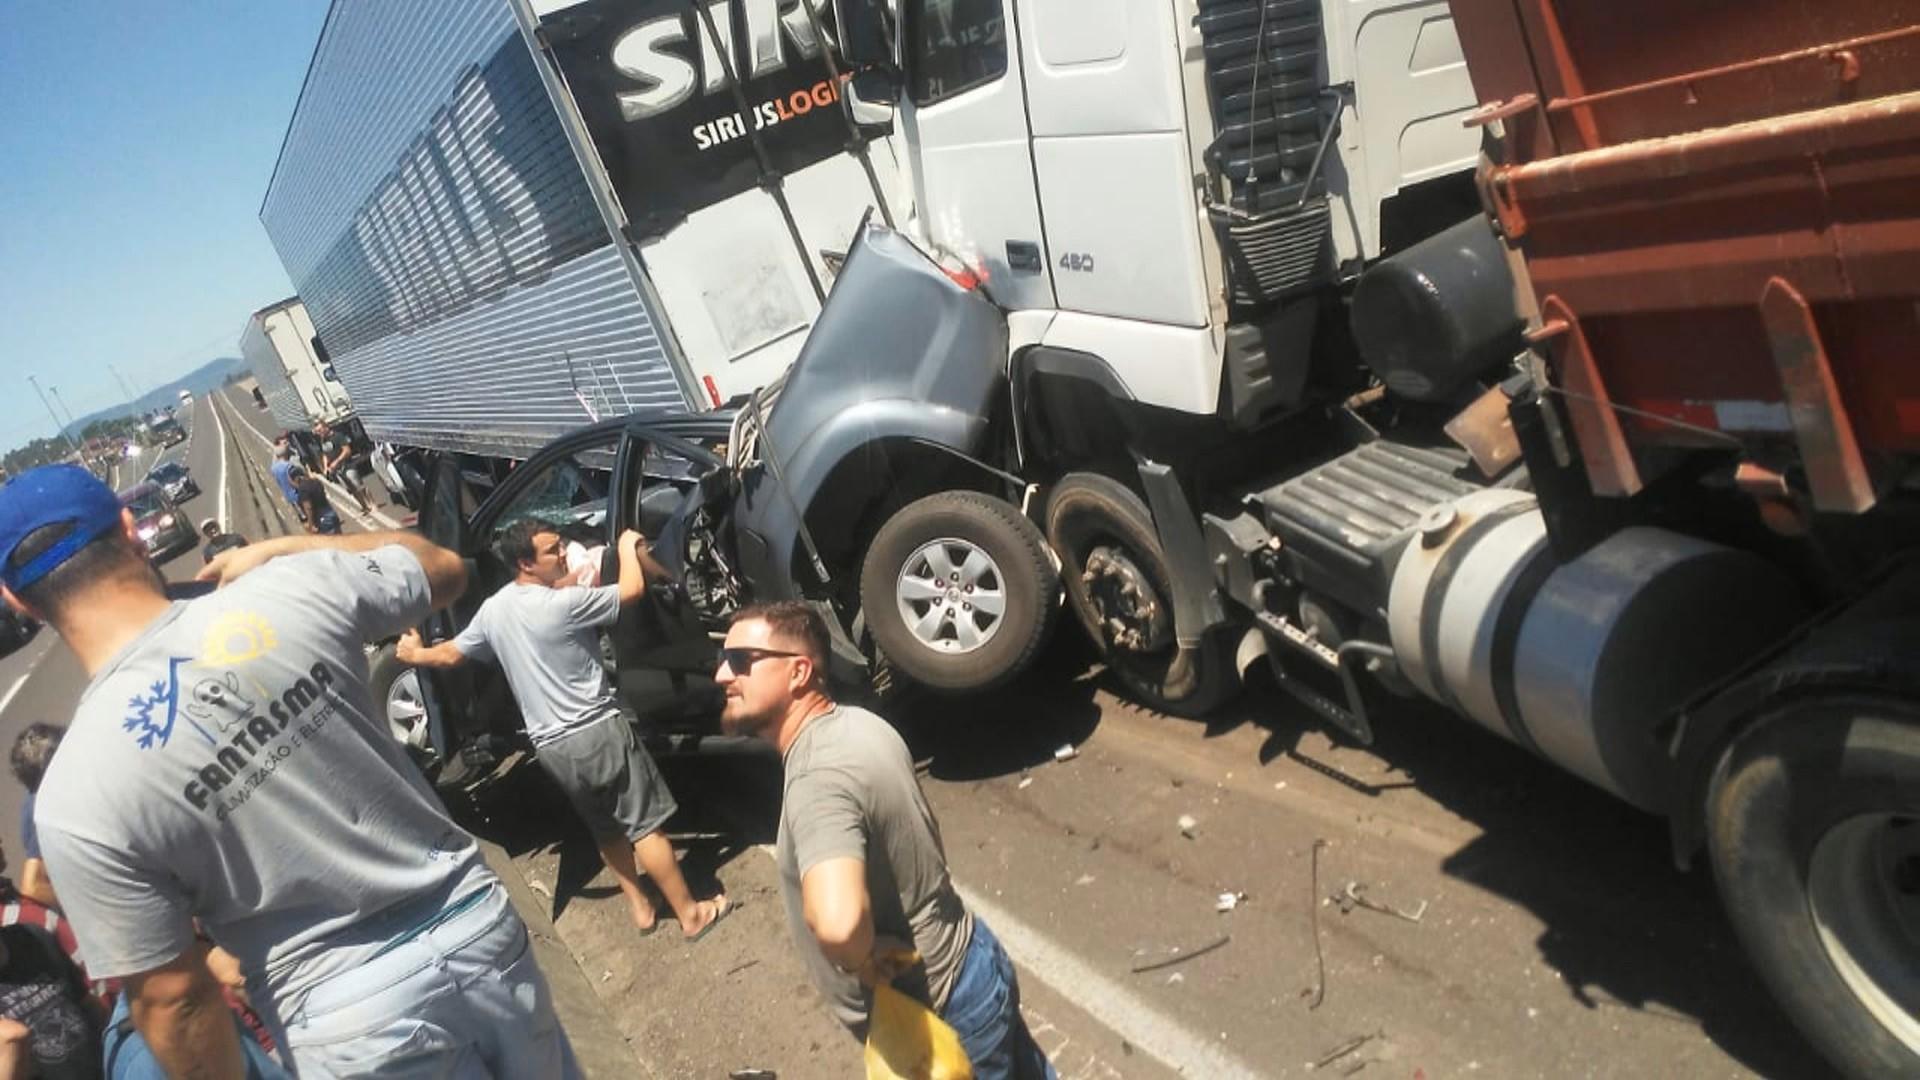 Prefeito de Arroio do Sal sofre acidente  na BR-101; estado de saúde é estável, diz hospital